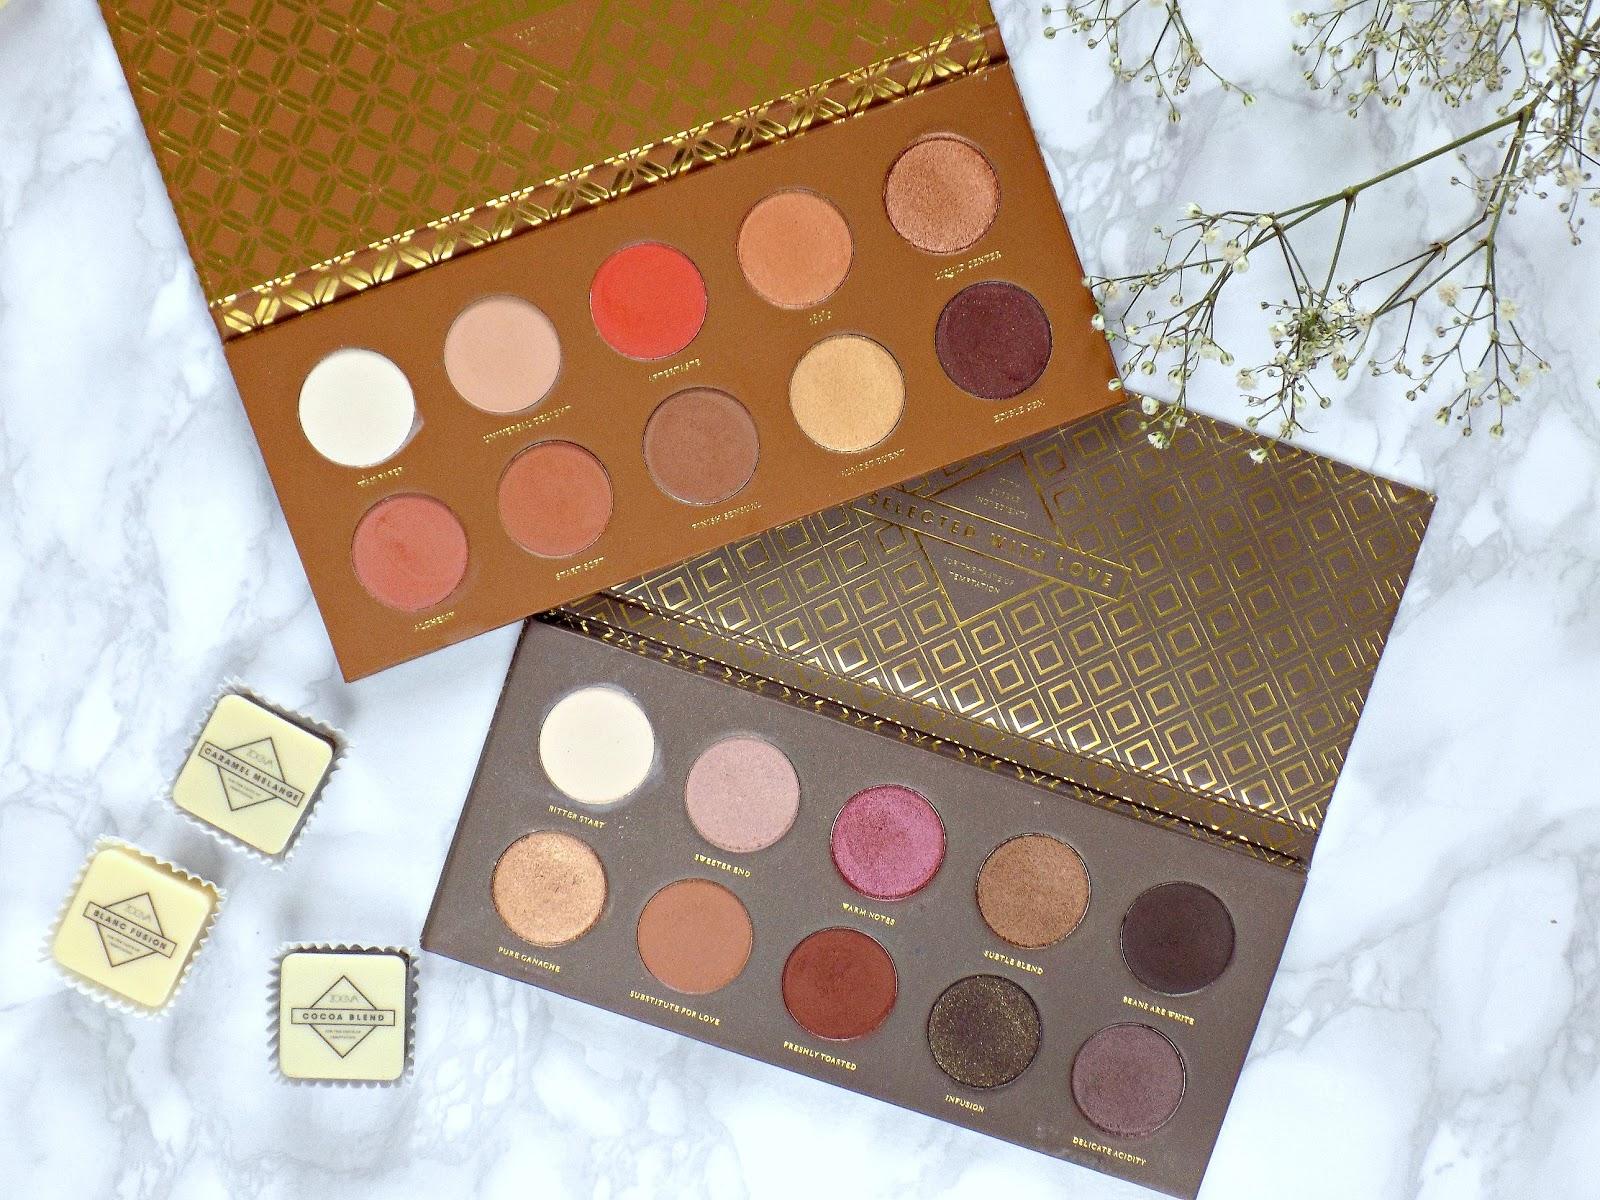 Zoeva Caramel Melange palette vs Cocoa Blend palette